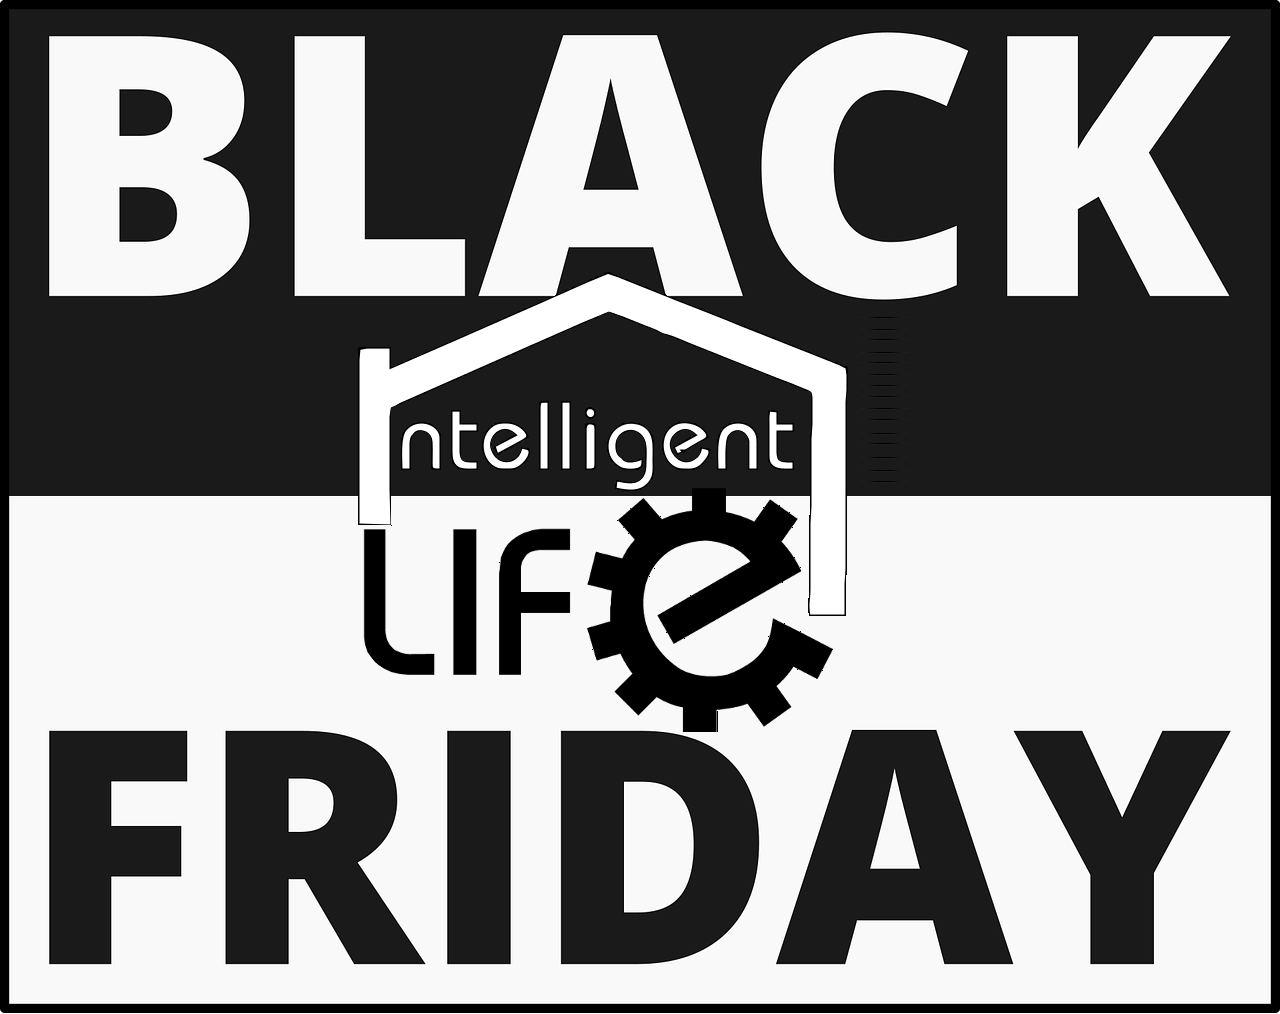 Black Friday inversión en tecnología y ofertas Intelligent Life